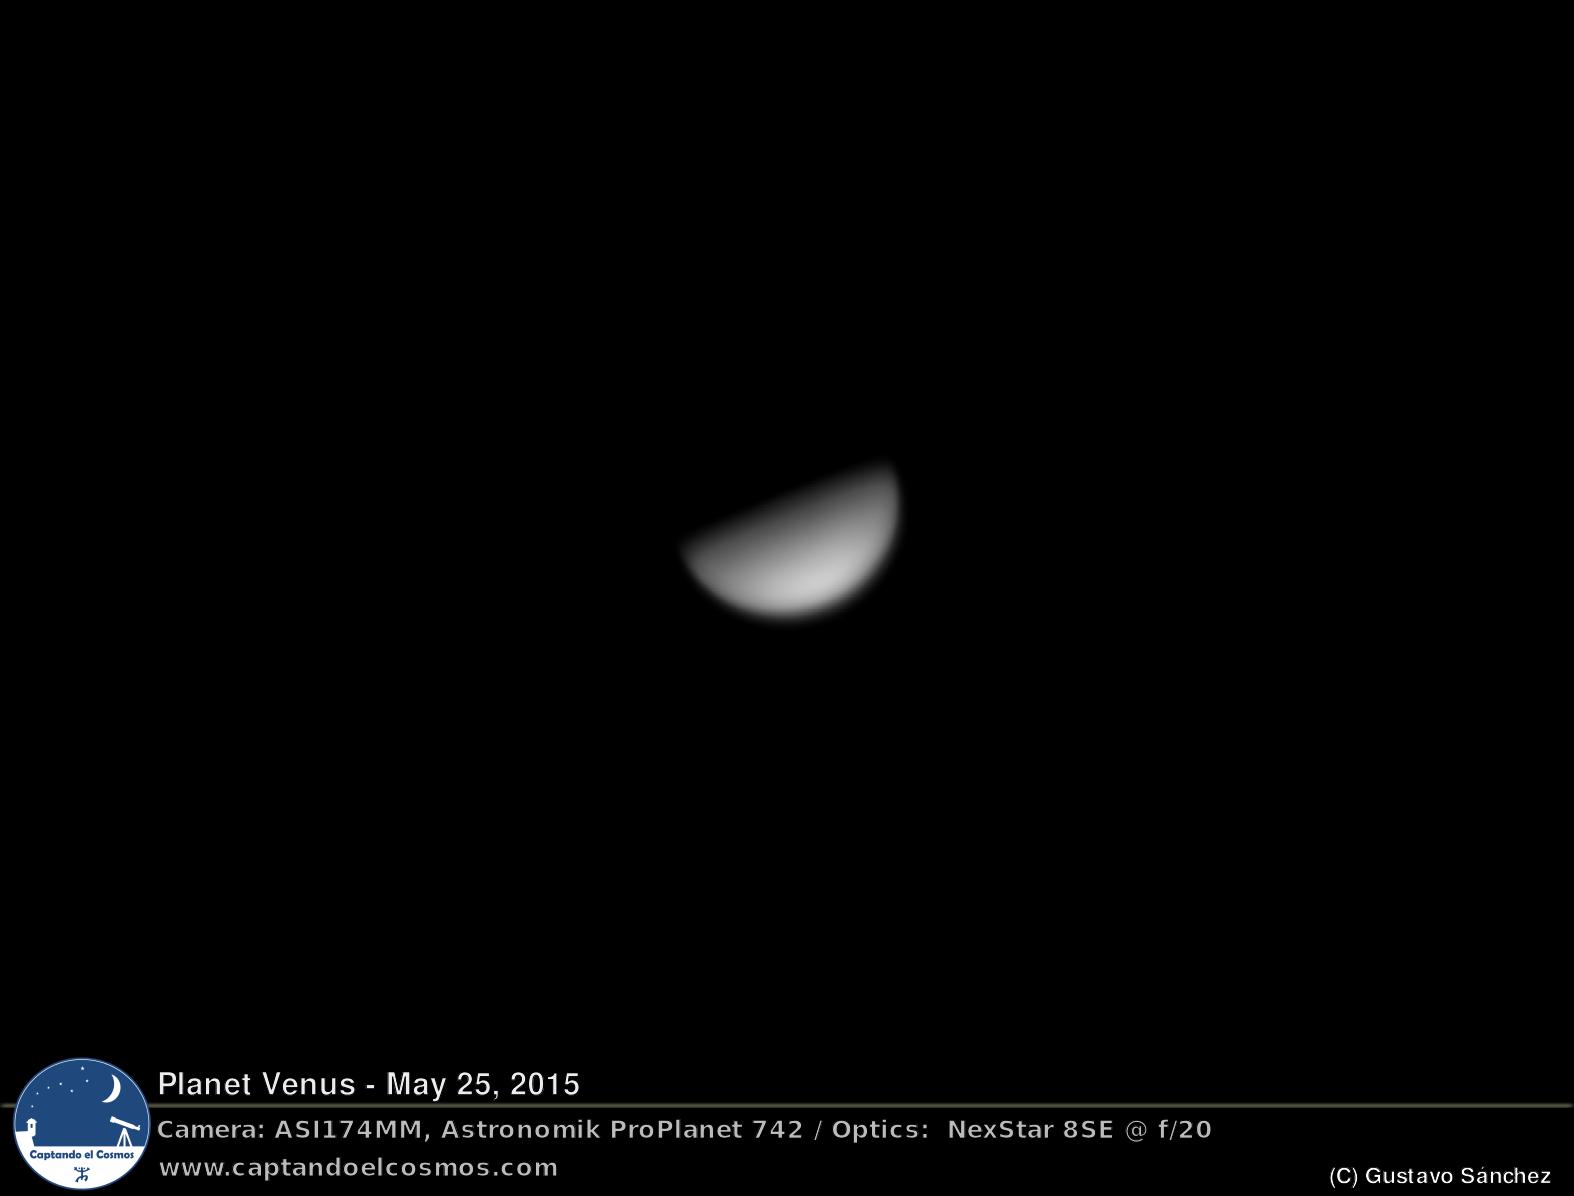 Planeta Venus. Crédito: Gustavo Sánchez/Captando el Cosmos